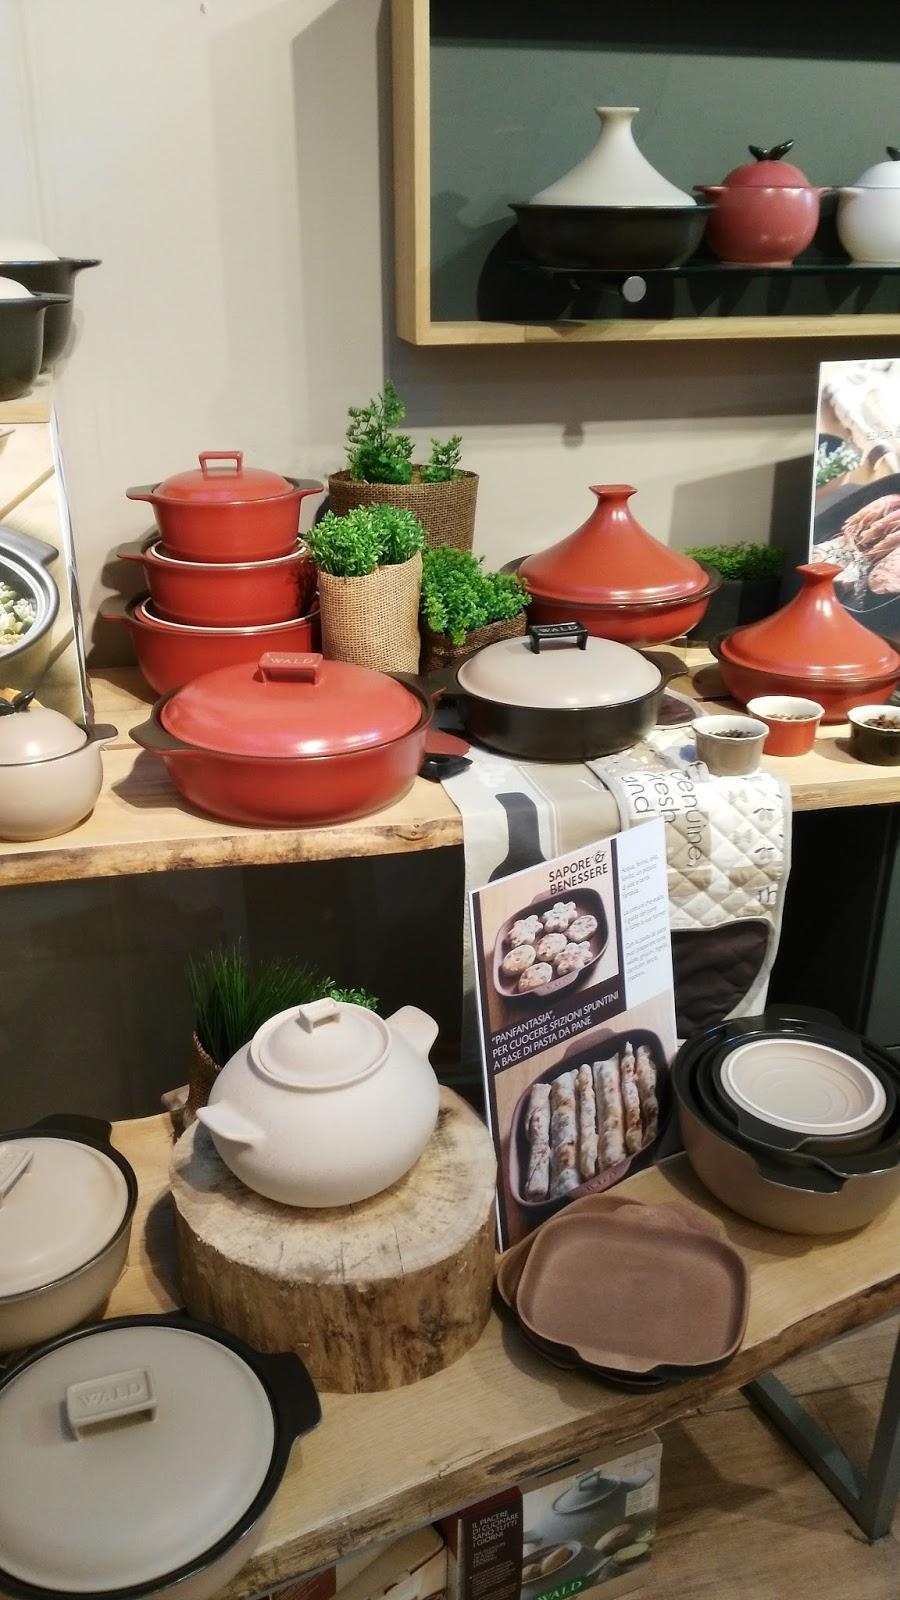 Bombonierestefan Novita Wald 2016 Salute E Benessere Cucina Naturale By Bomboniere Stefan